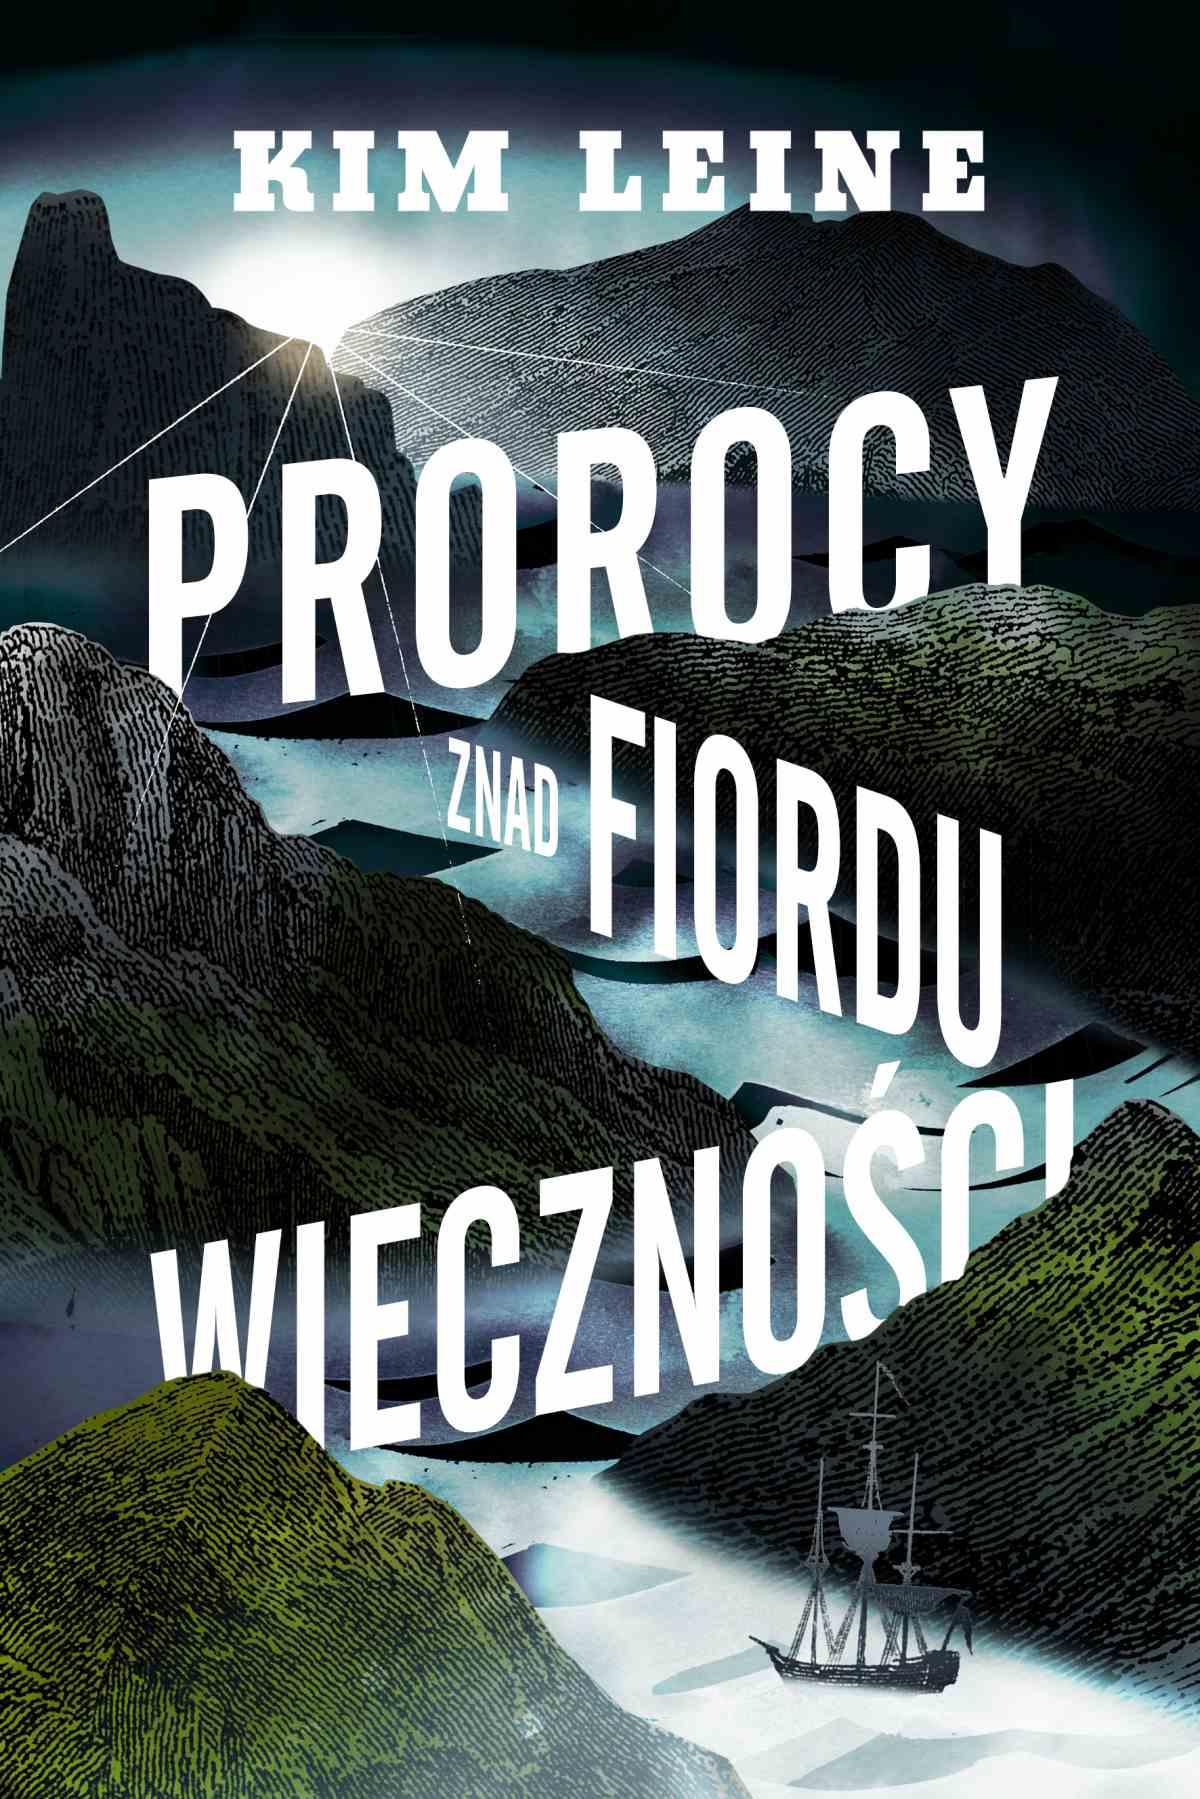 Prorocy znad Fiordu Wieczności - Ebook (Książka na Kindle) do pobrania w formacie MOBI